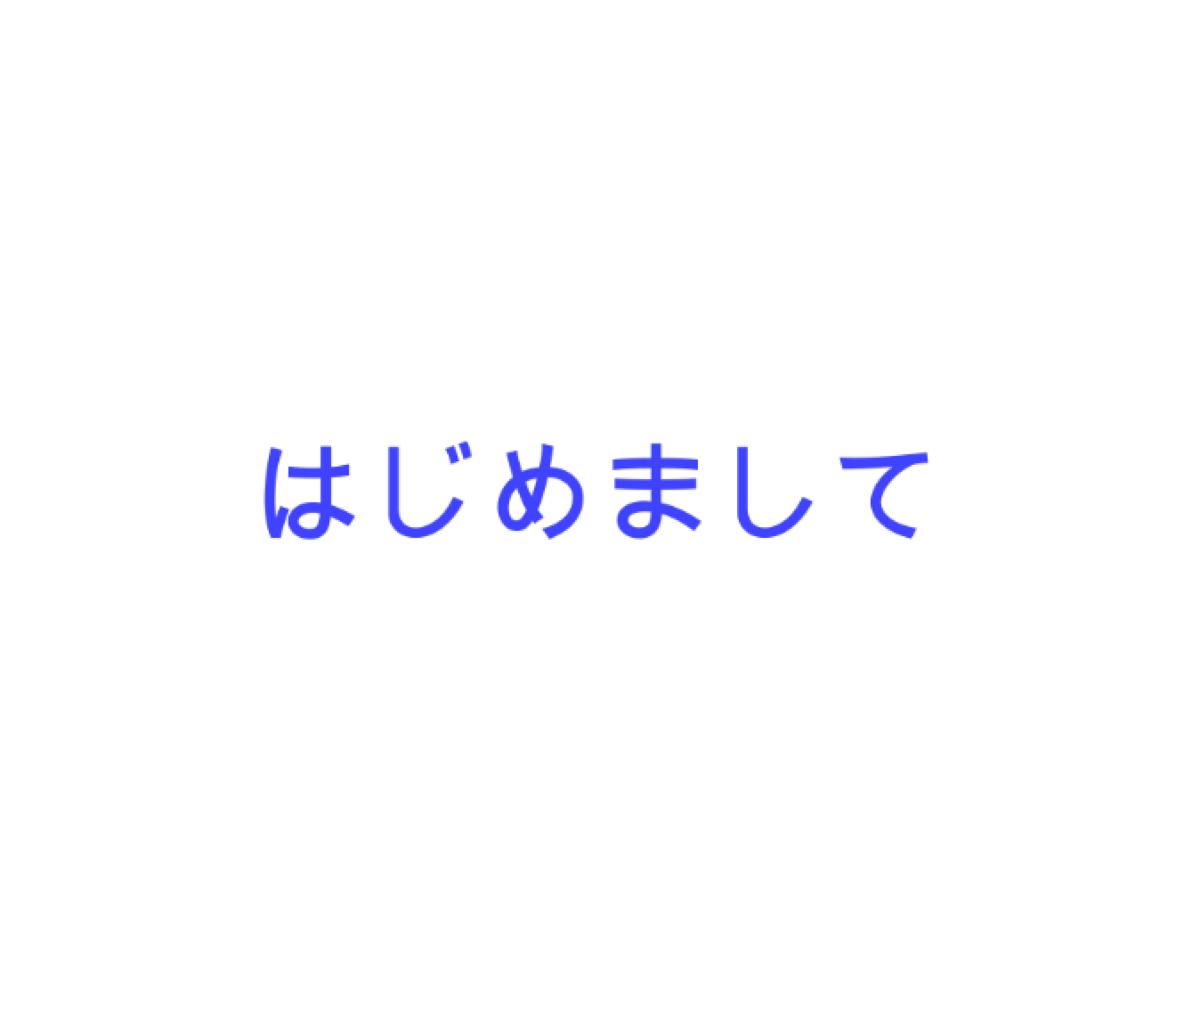 f:id:kinpik:20200521133102p:plain